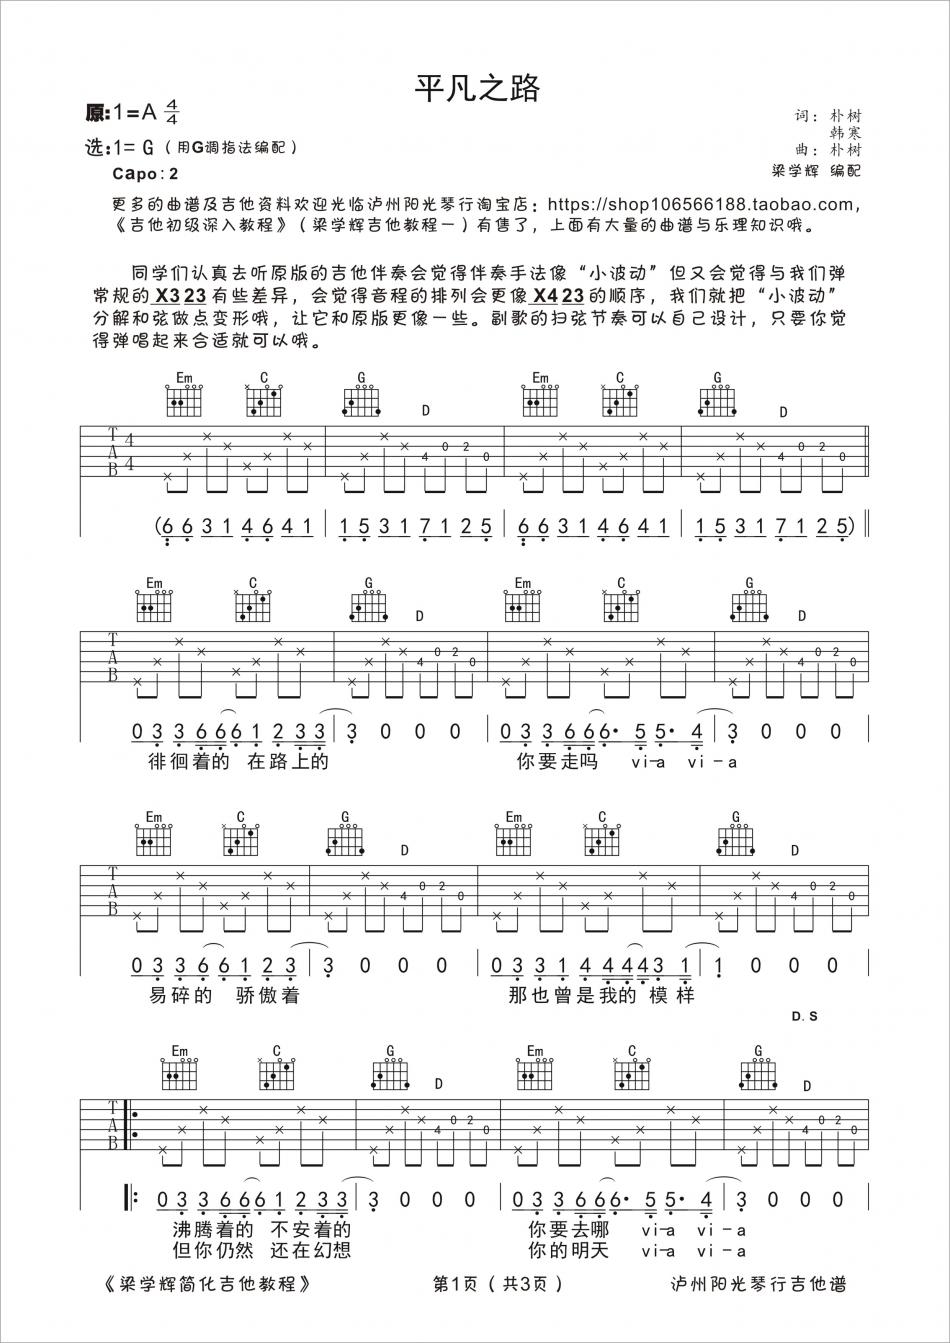 平凡之路 朴树 - 吉他谱(梁学辉编配) - 嗨吉他